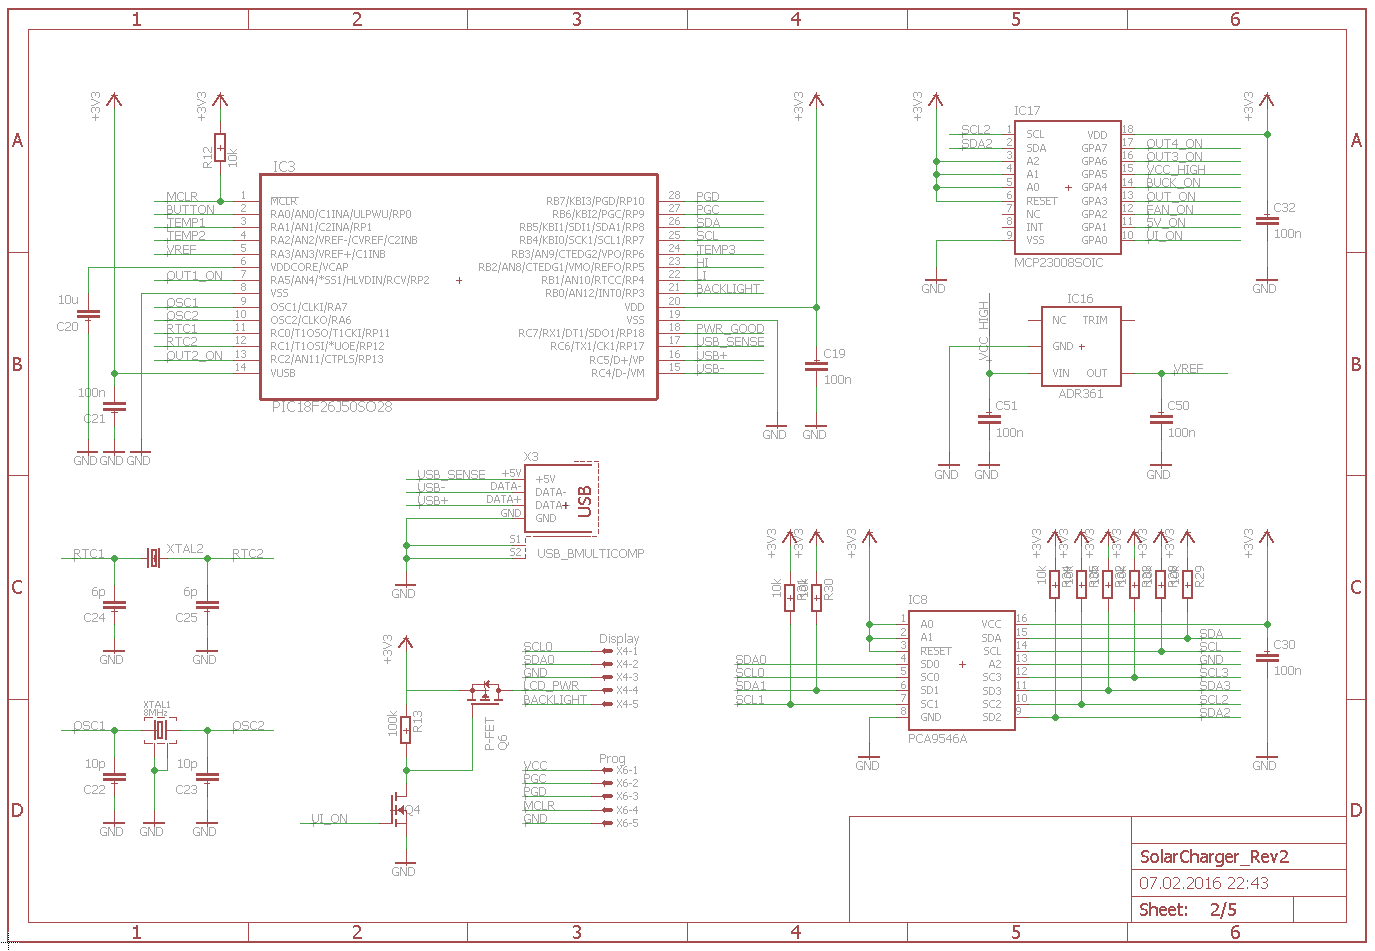 Mppt Solar Charger Design Soldernerd Usb Schematic Solarchargerschematic2